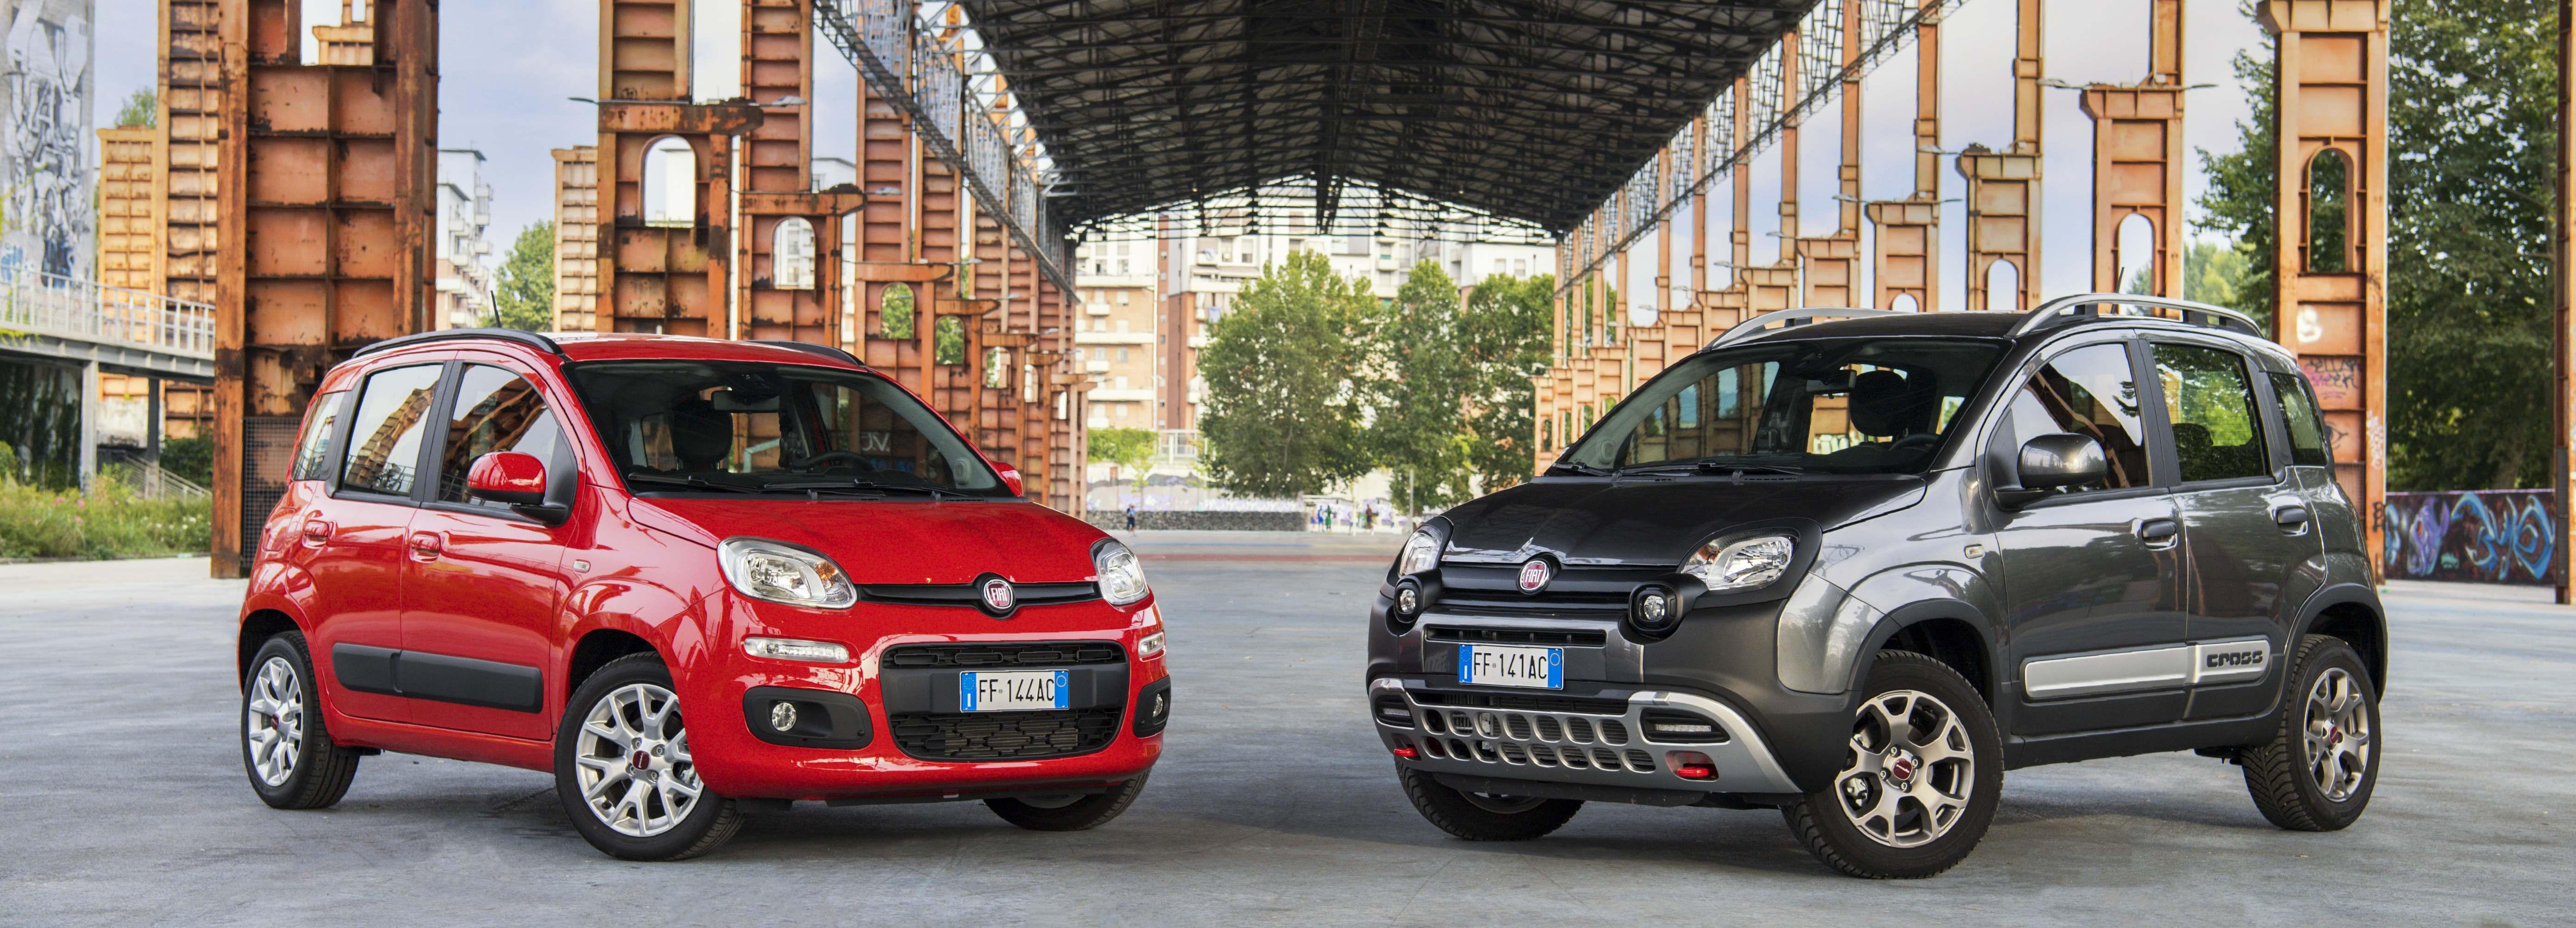 Afbeelding voor Fiat garantie nu 5 jaar zonder kilometerbeperking